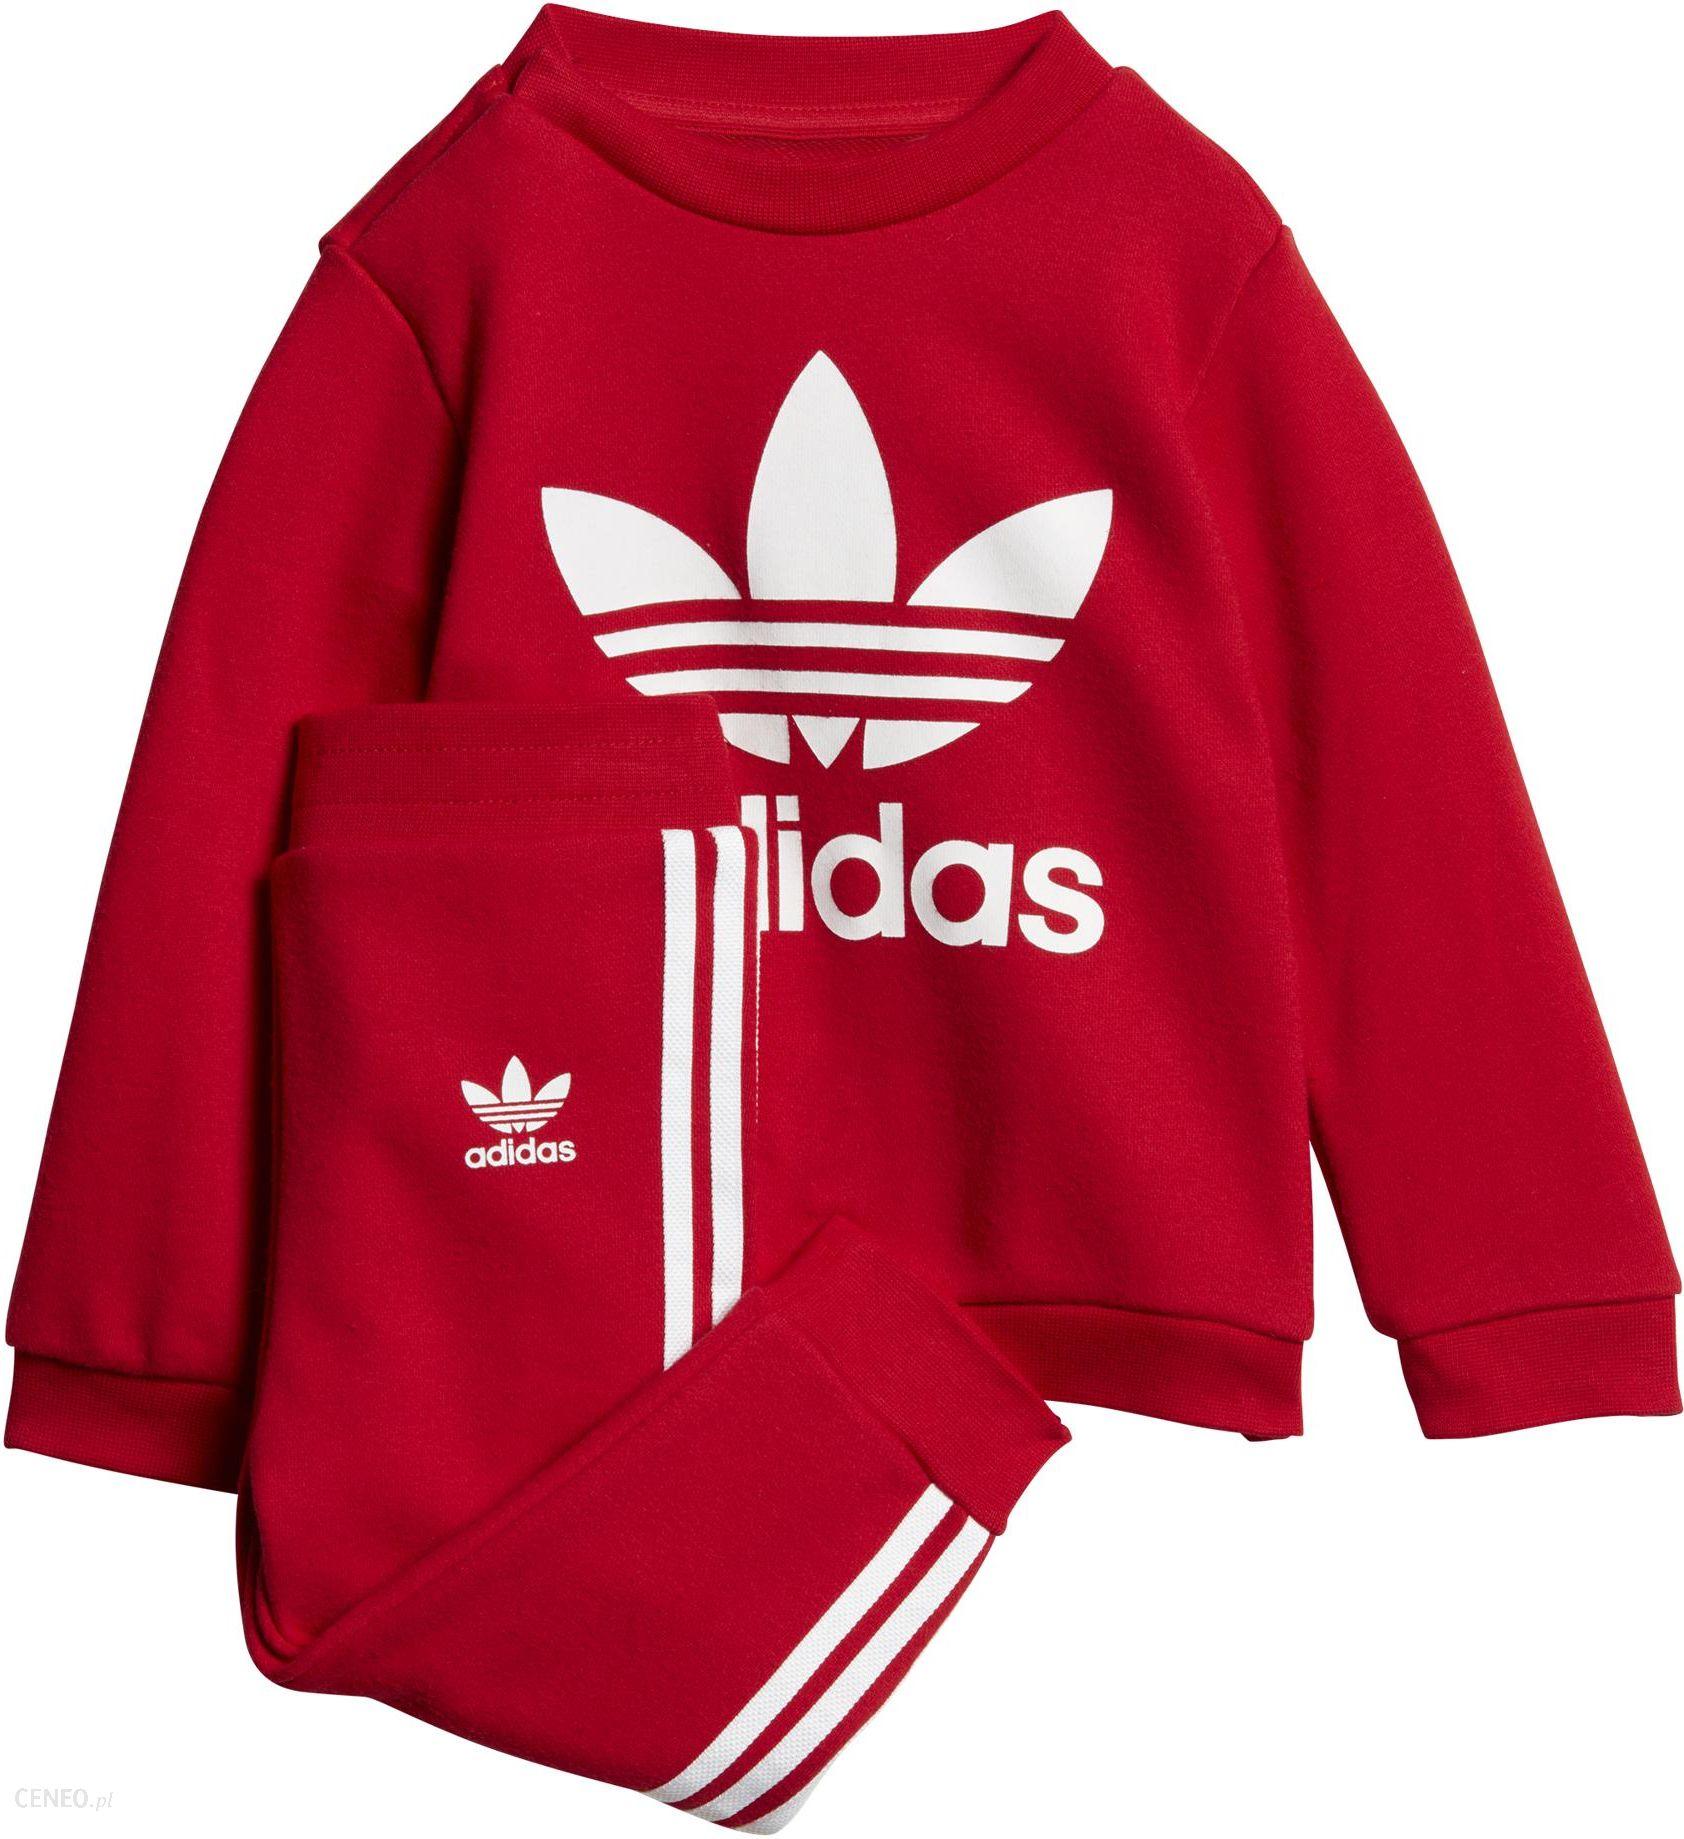 czerwony dres adidas damski komplet